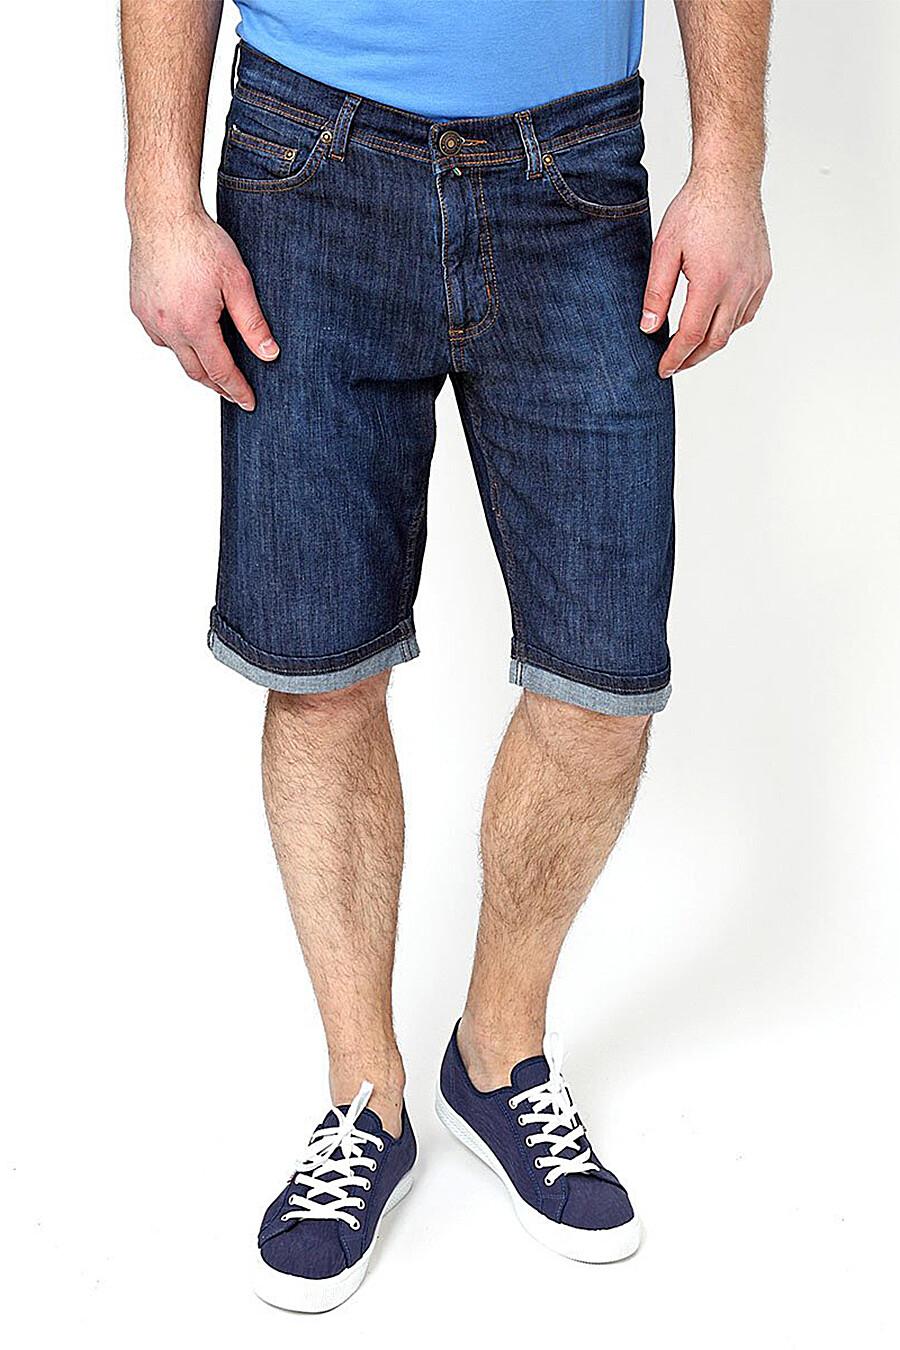 Шорты для мужчин F5 116549 купить оптом от производителя. Совместная покупка мужской одежды в OptMoyo